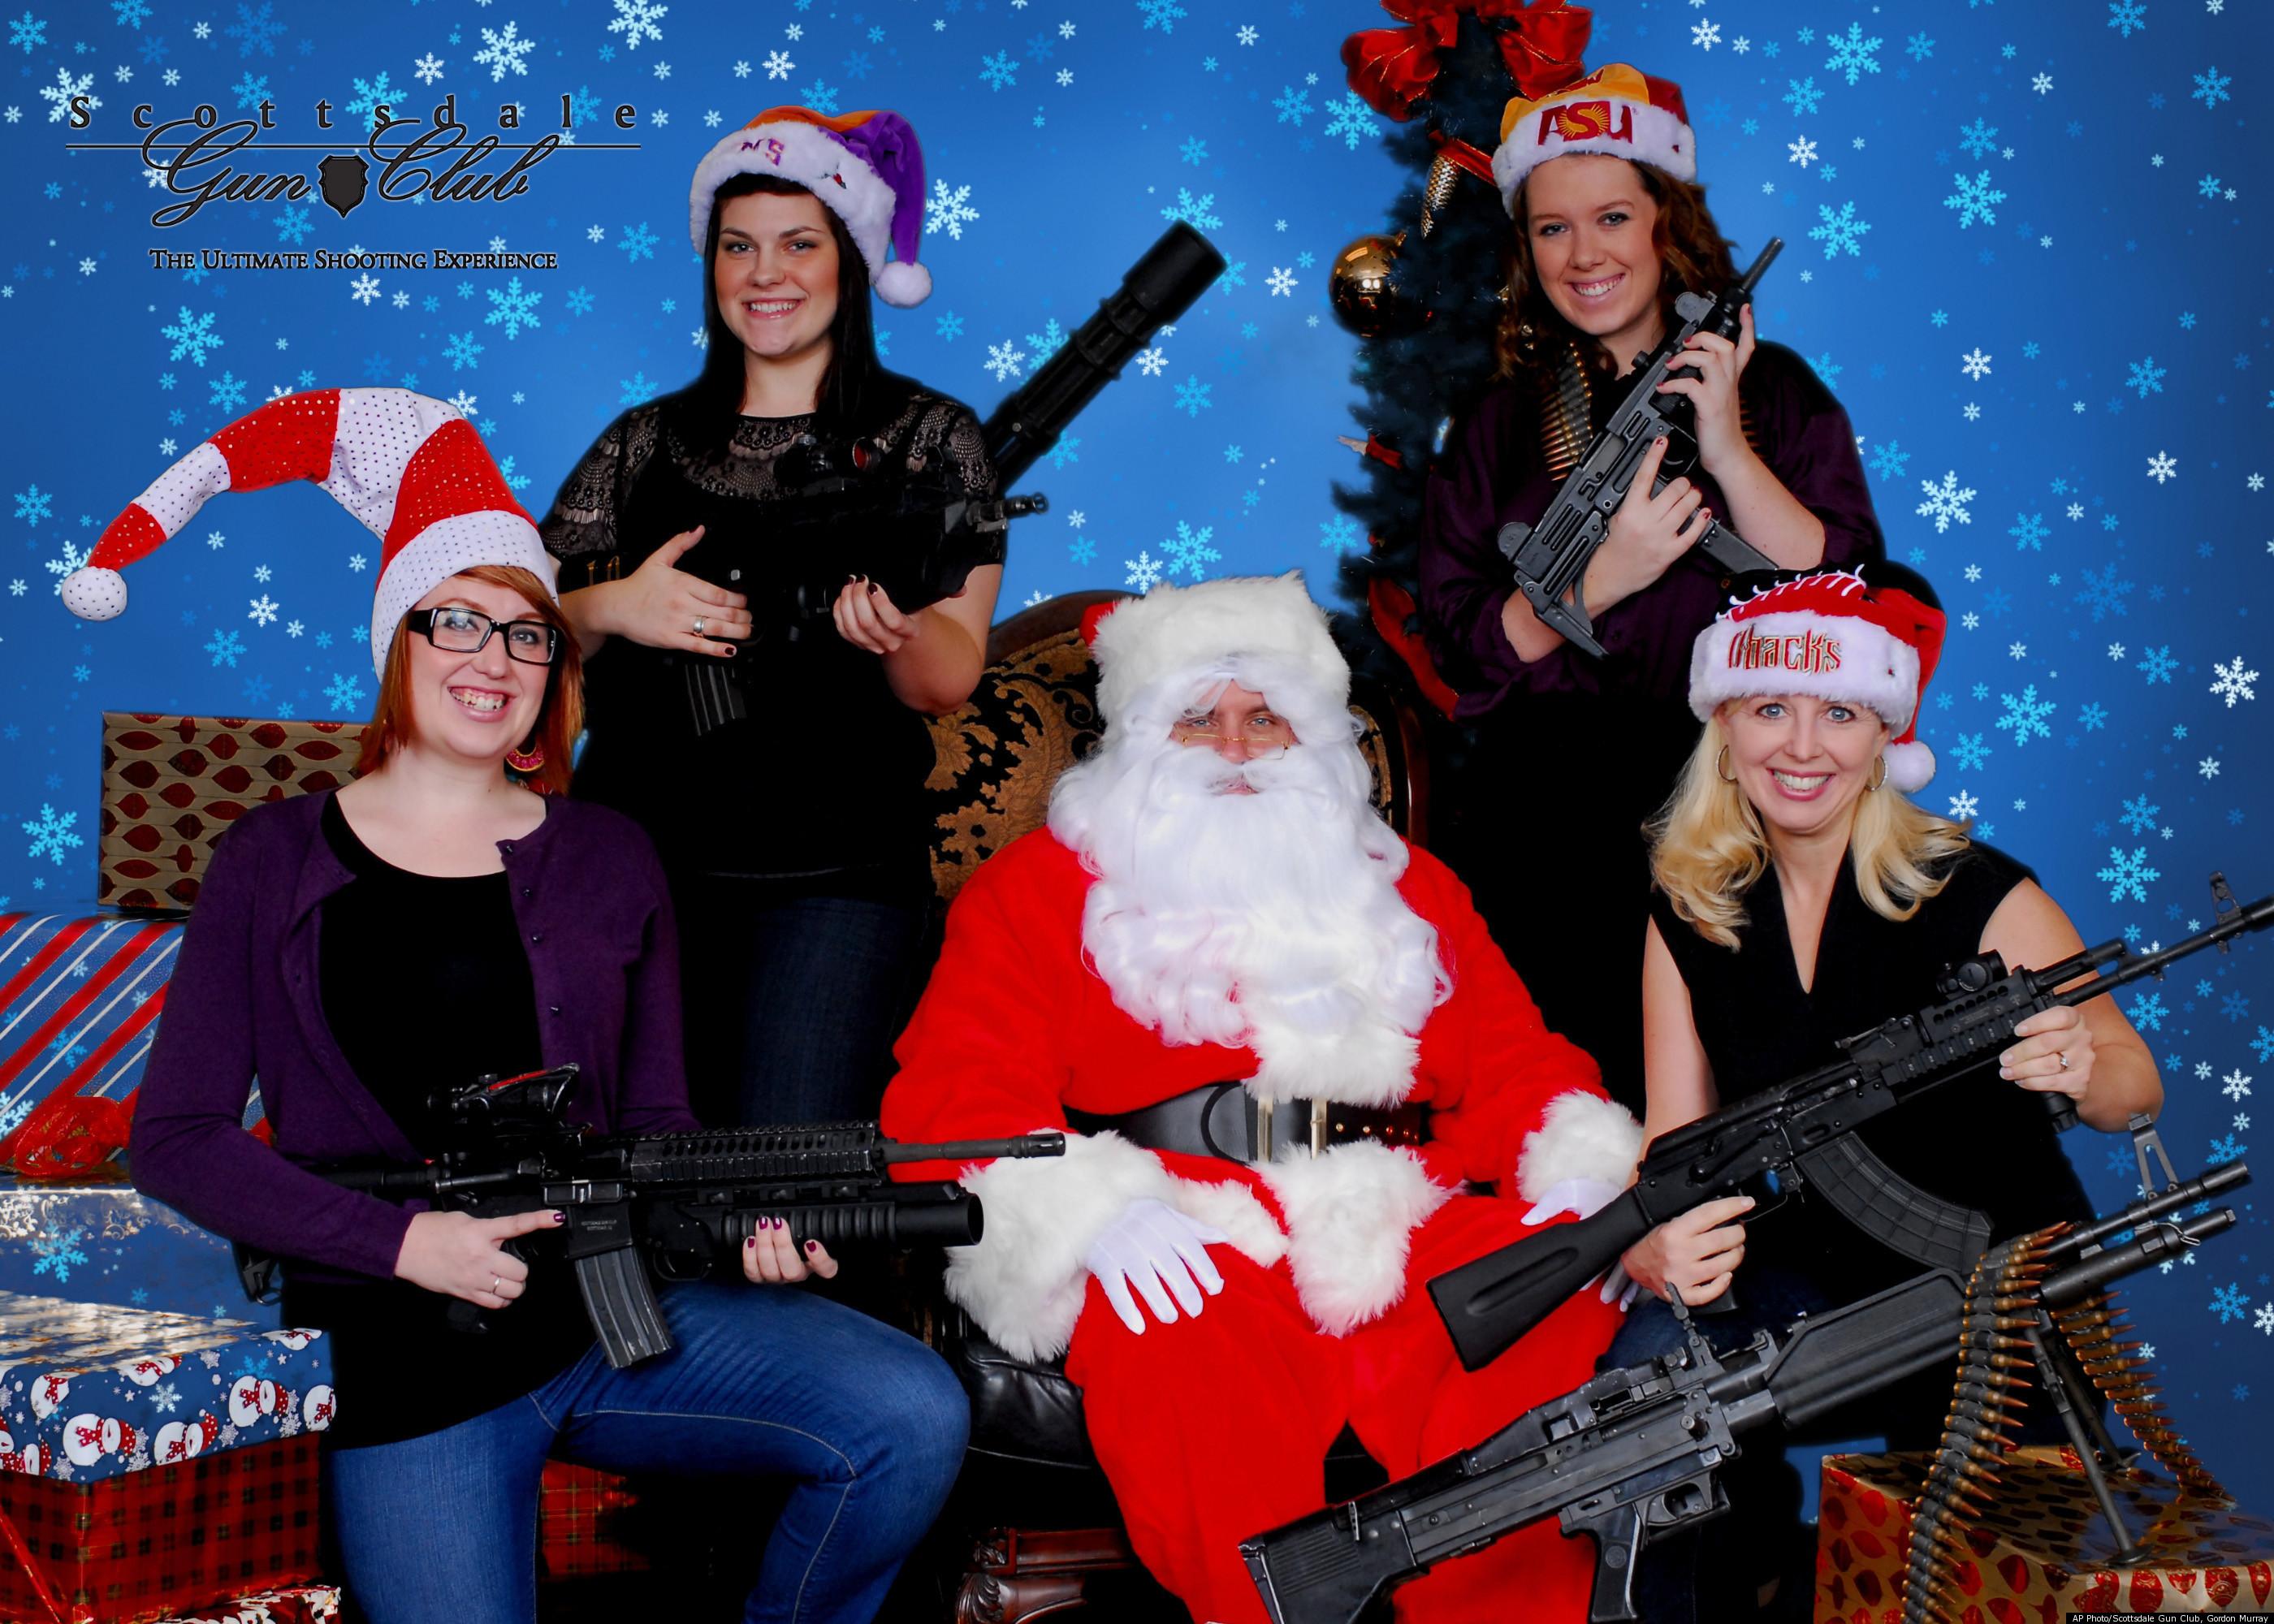 Machine Guns And Santa Claus Arizona Gun Club Offers Alternative